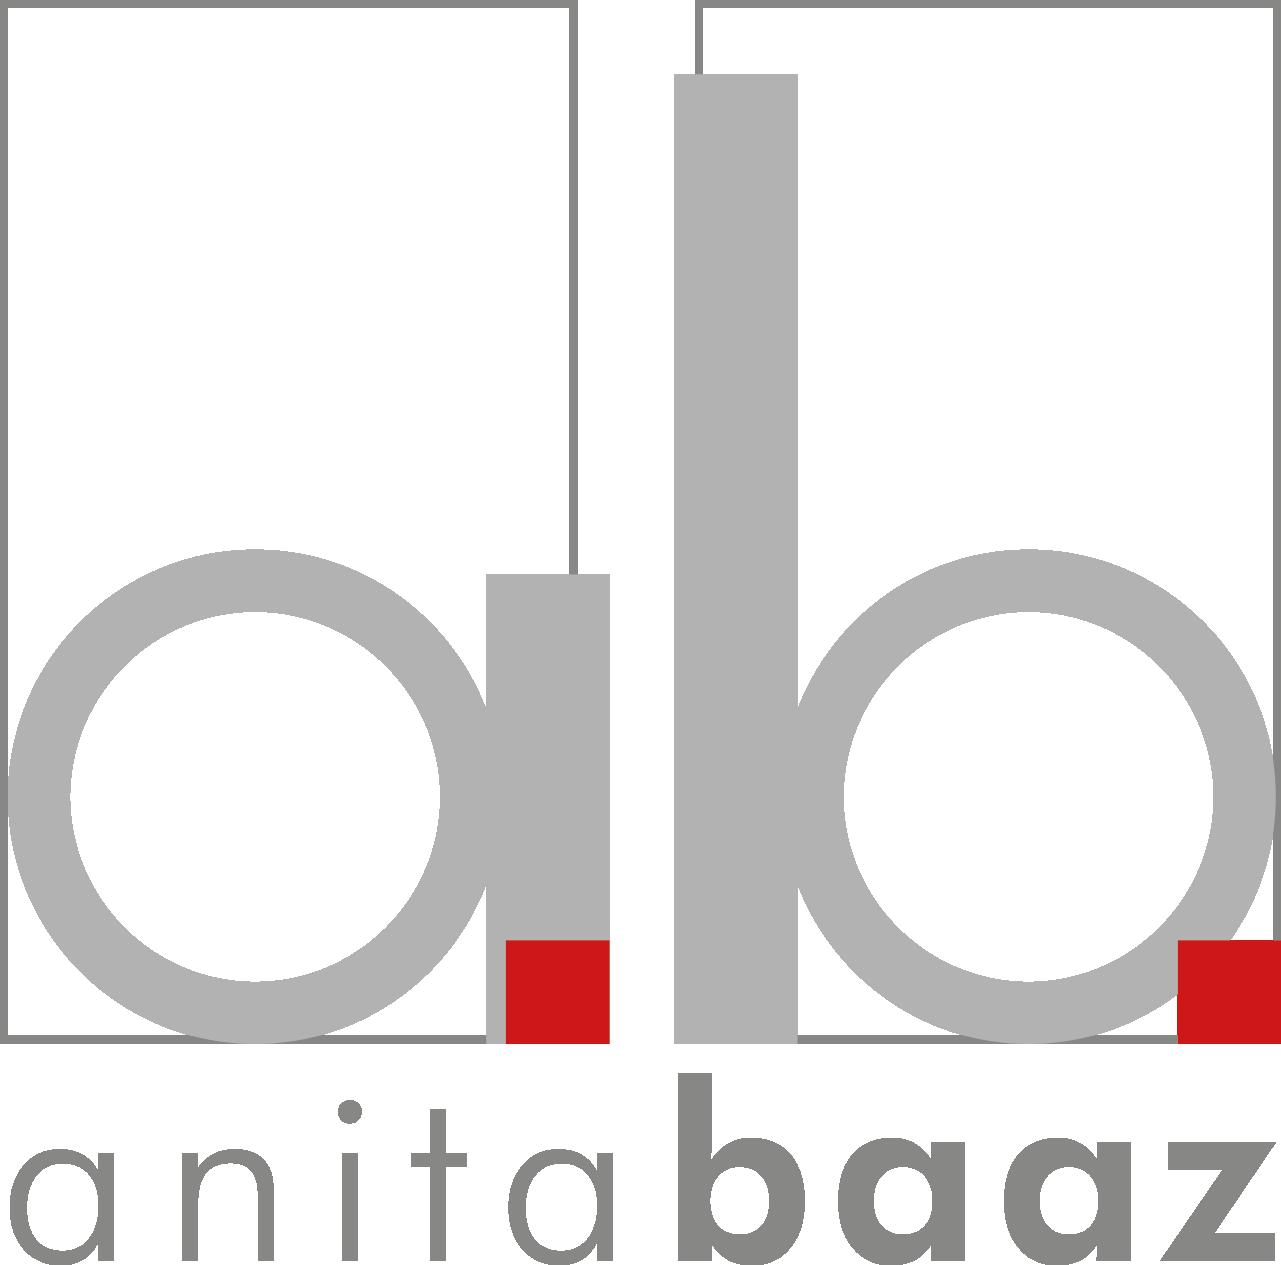 Anita Baaz